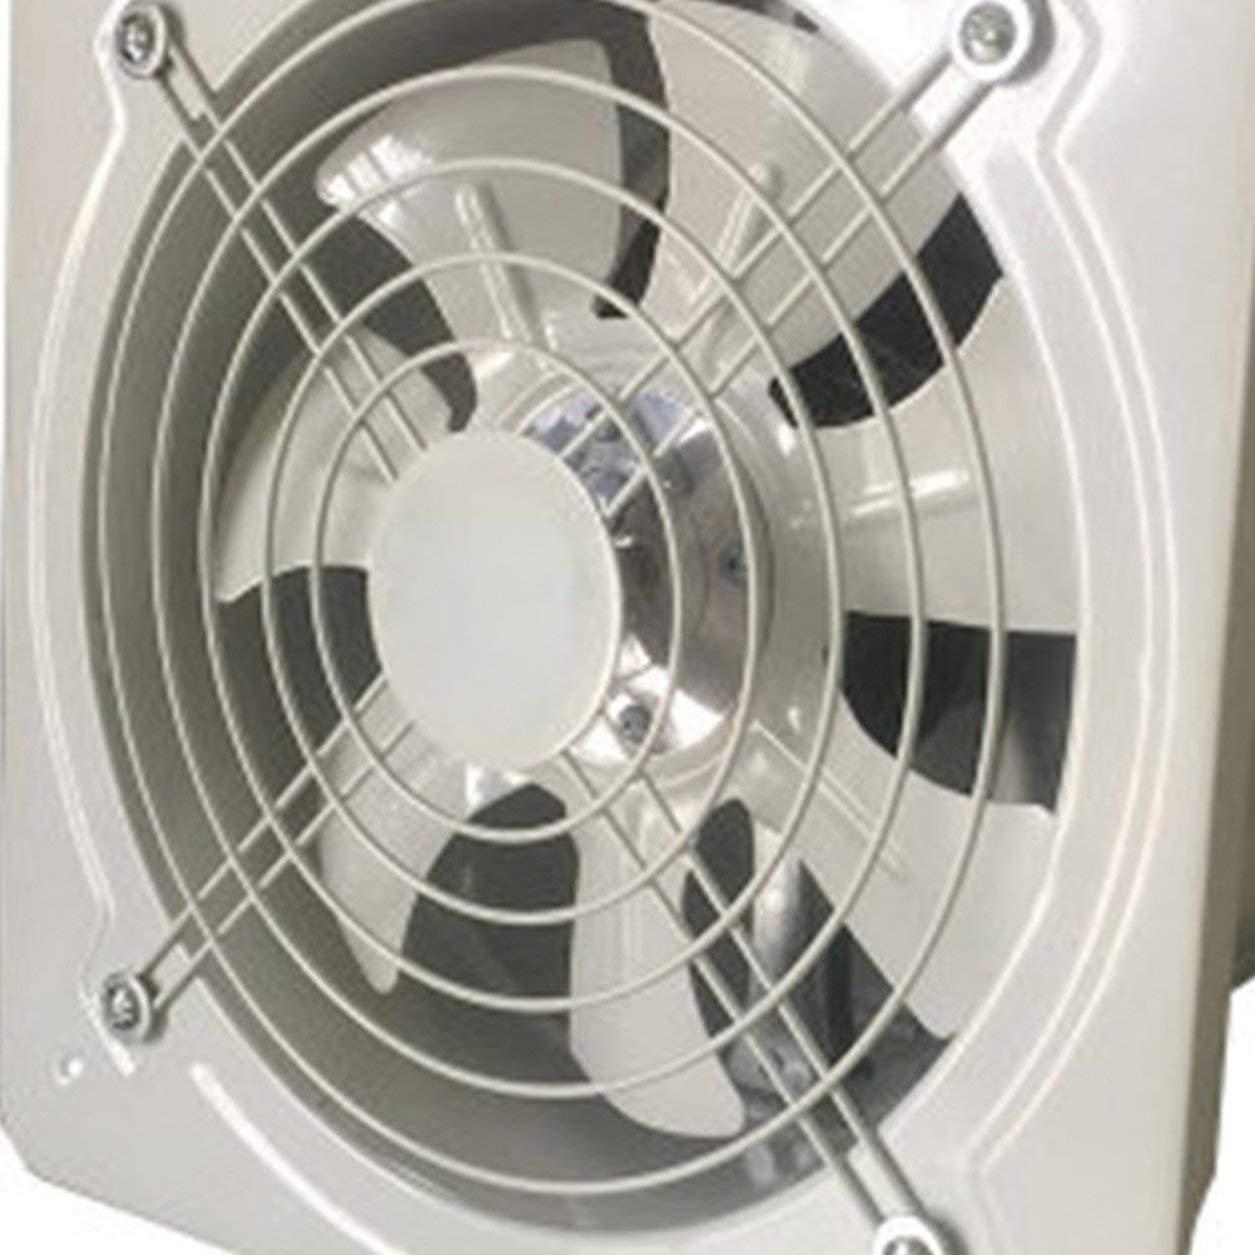 Blanco Dailyinshop Extractor de ventilaci/ón Industrial Metal Axial Extractor Ventilador de Aire Comercial Funcionamiento de bajo Ruido Estable